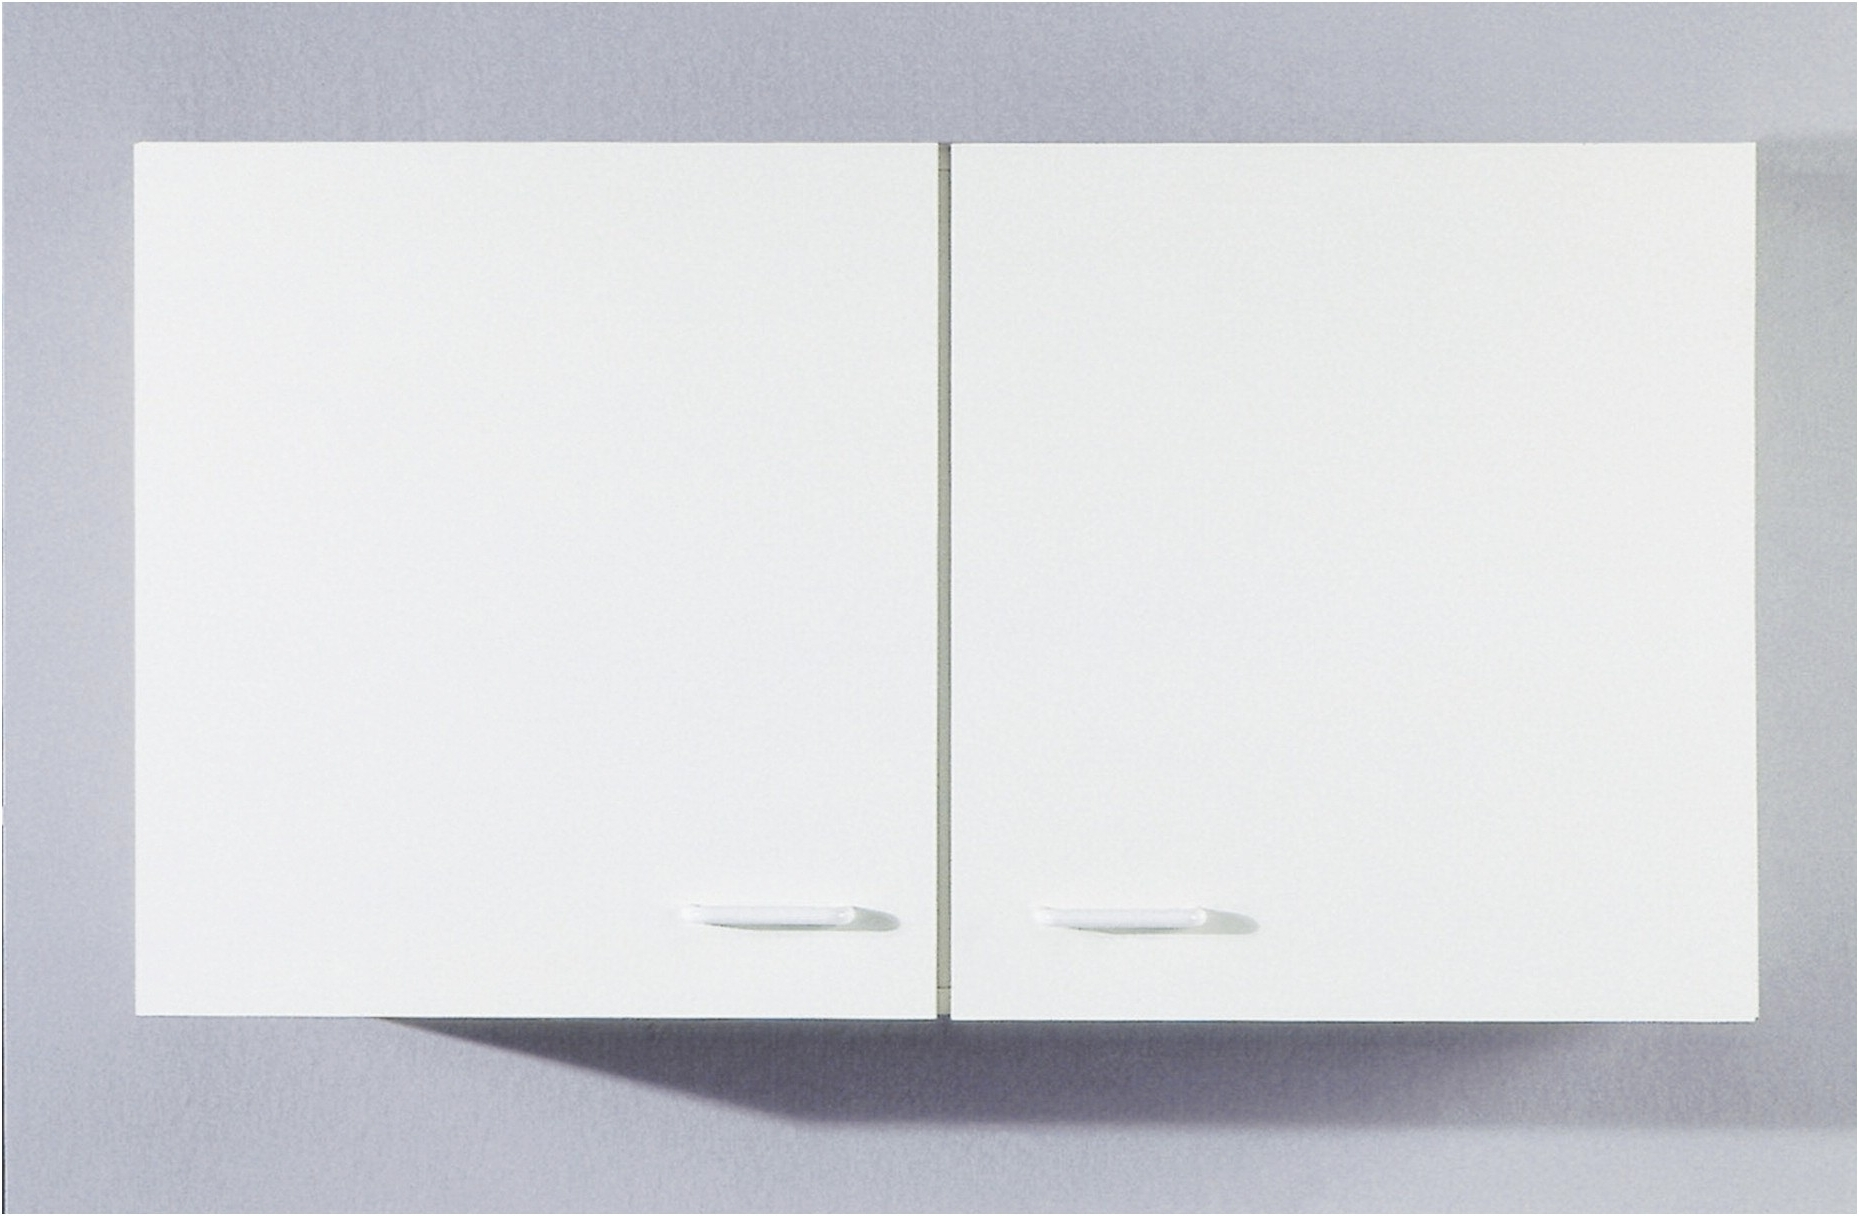 element de cuisine pas cher id e pour cuisine. Black Bedroom Furniture Sets. Home Design Ideas